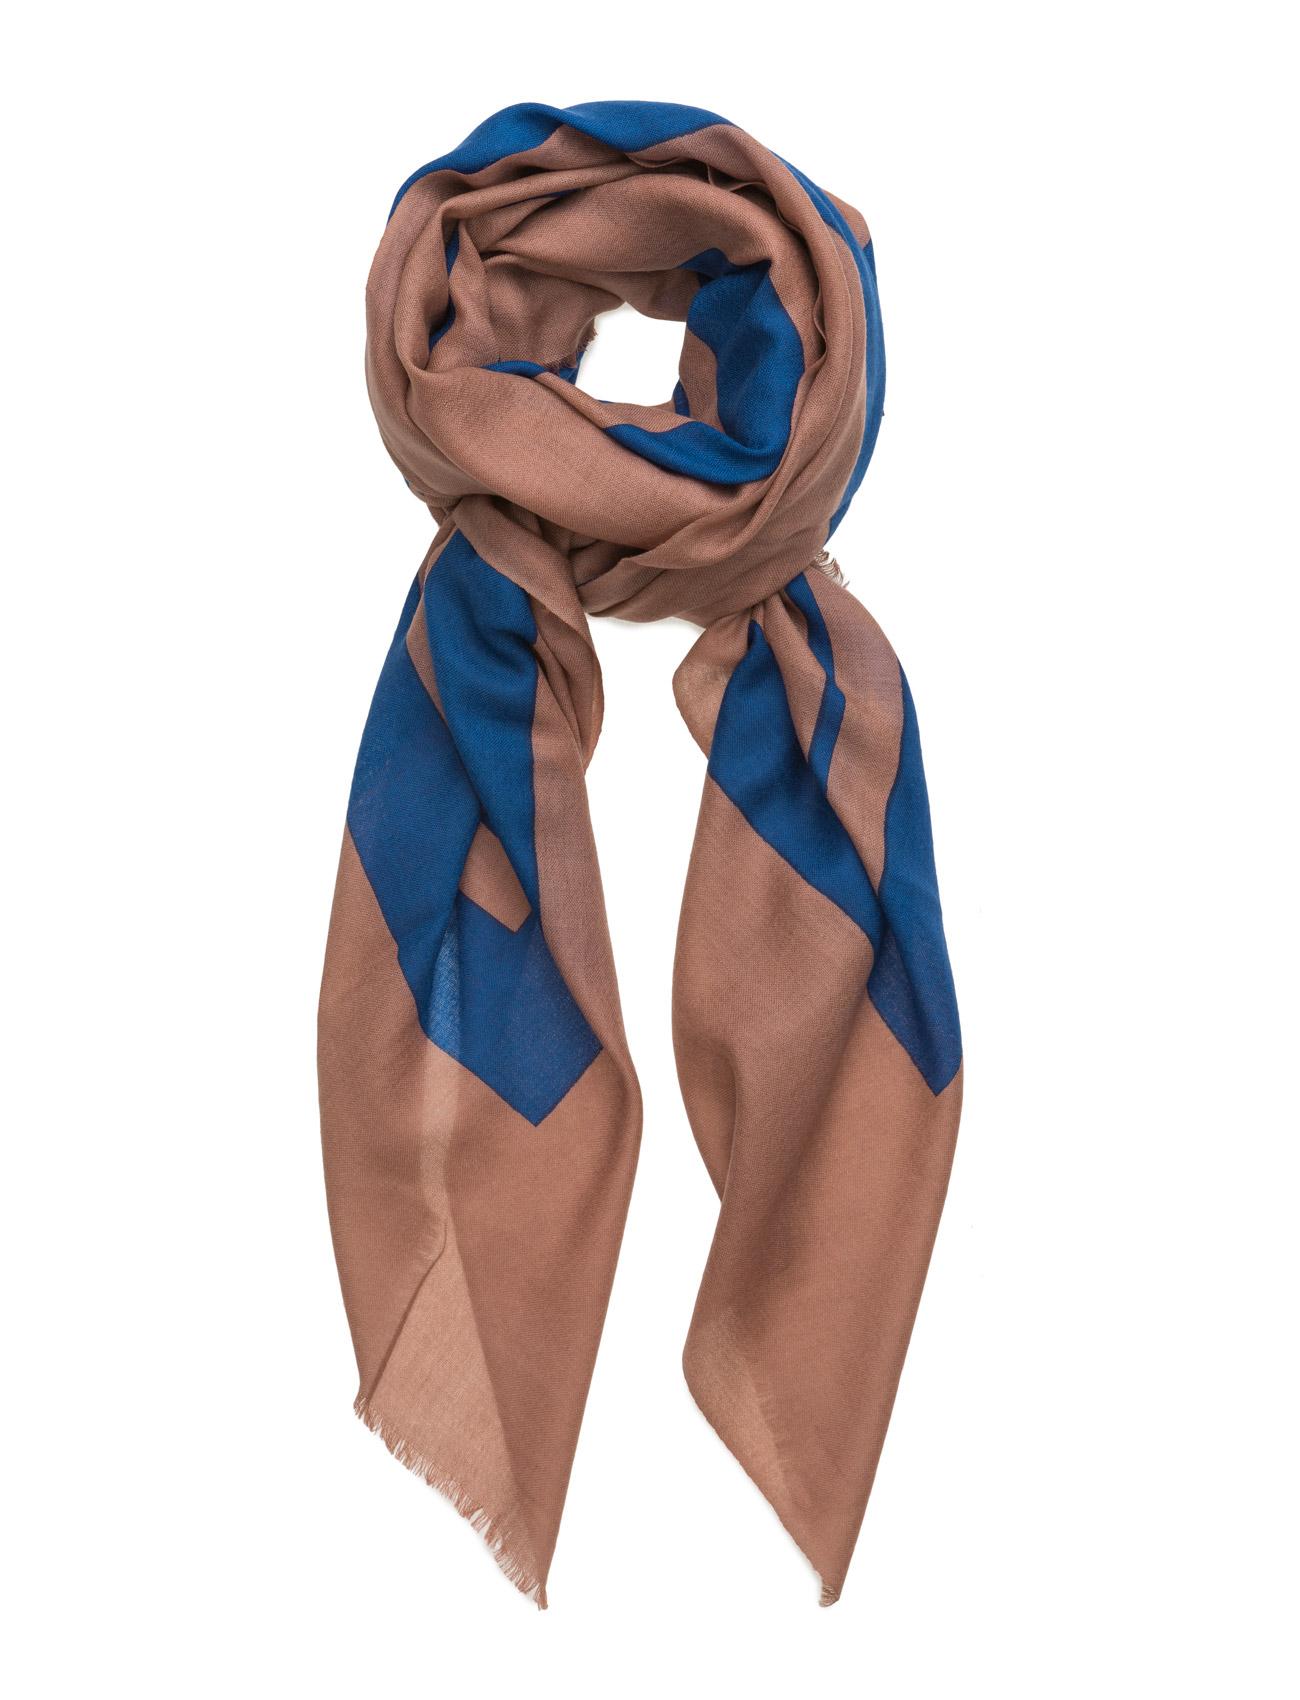 Køb Deno By Malene Birger Accessories i Cobalt til Kvinder i en webshop f22cfd021d83e